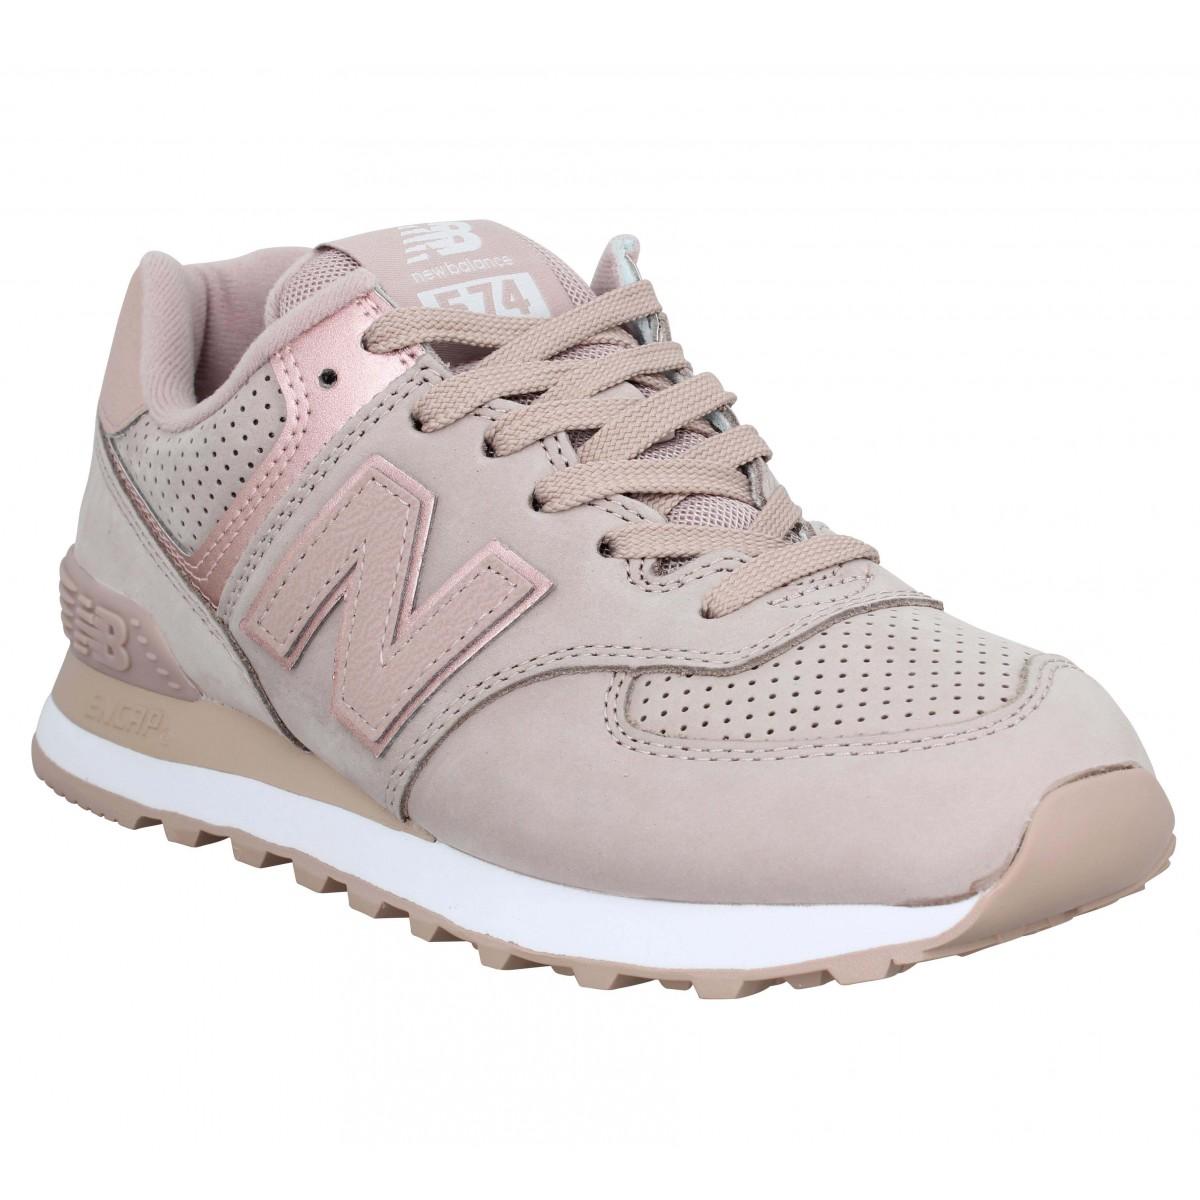 2530b7712257 Ligne New Pour Balance Femme En Vente Chaussures rYZqr